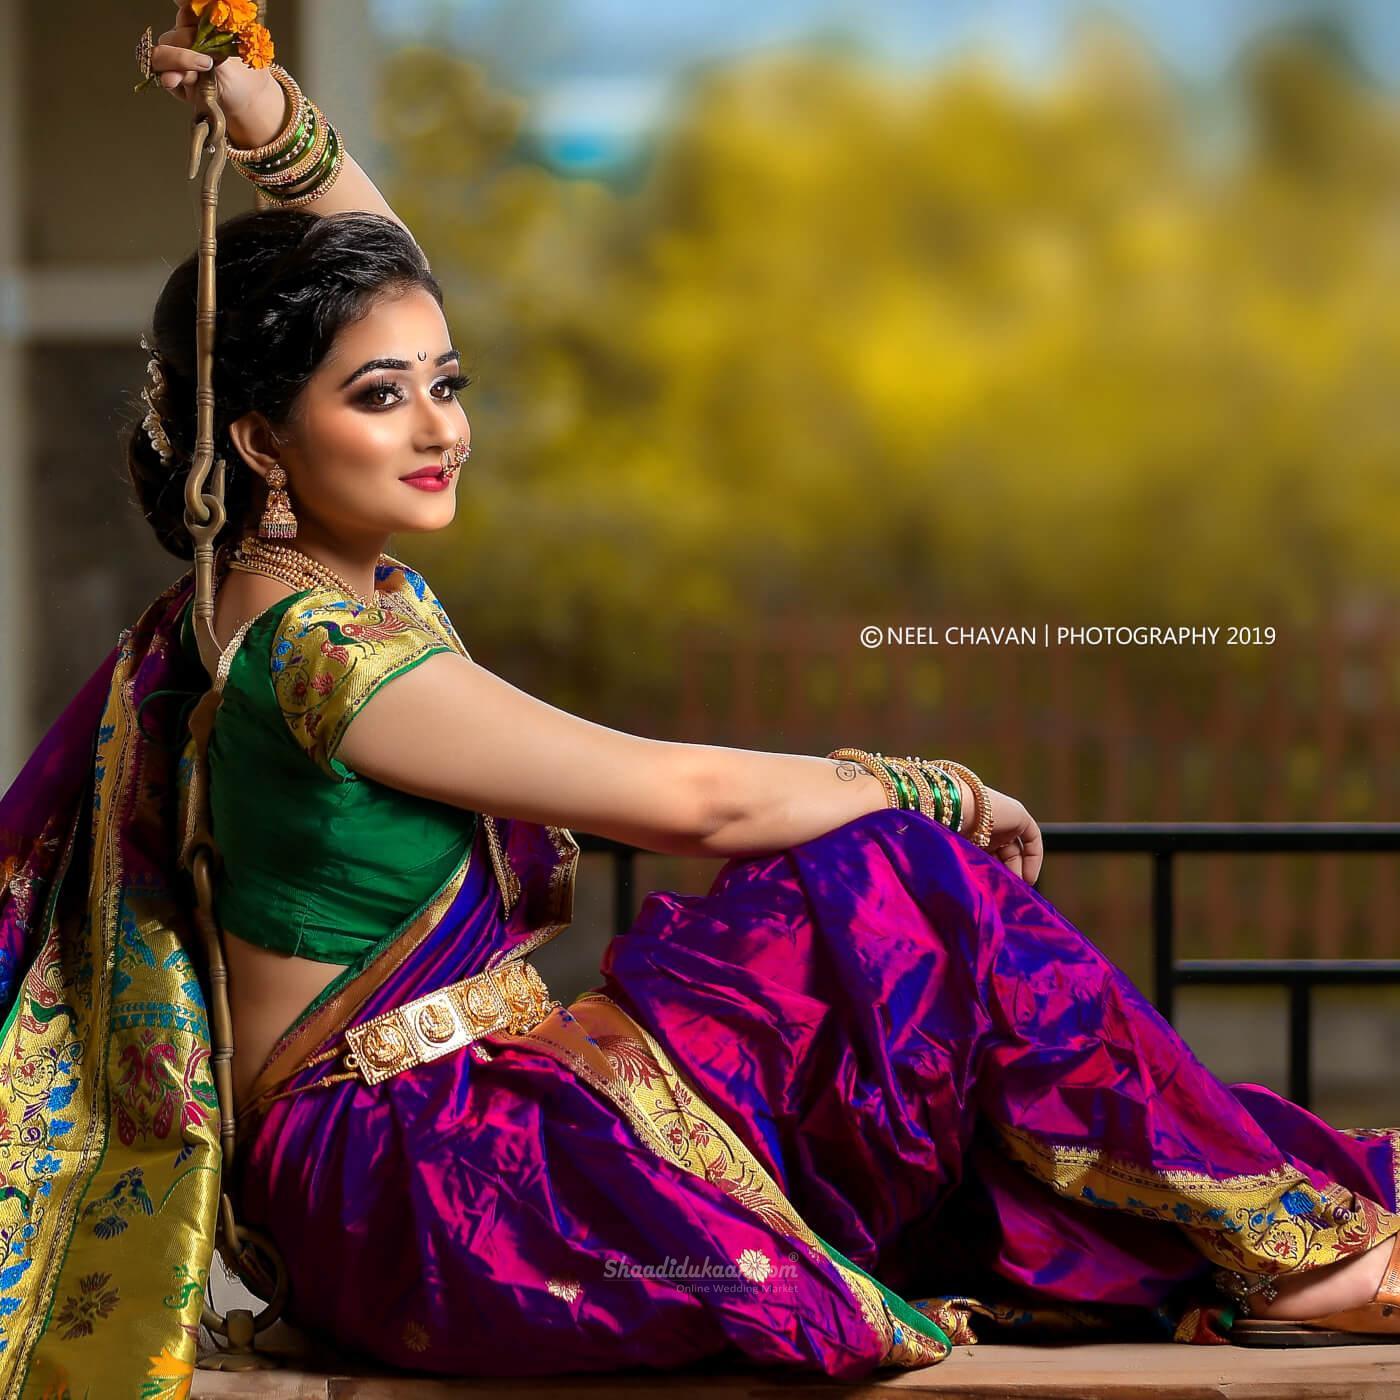 Neha Jha Makeover Studio